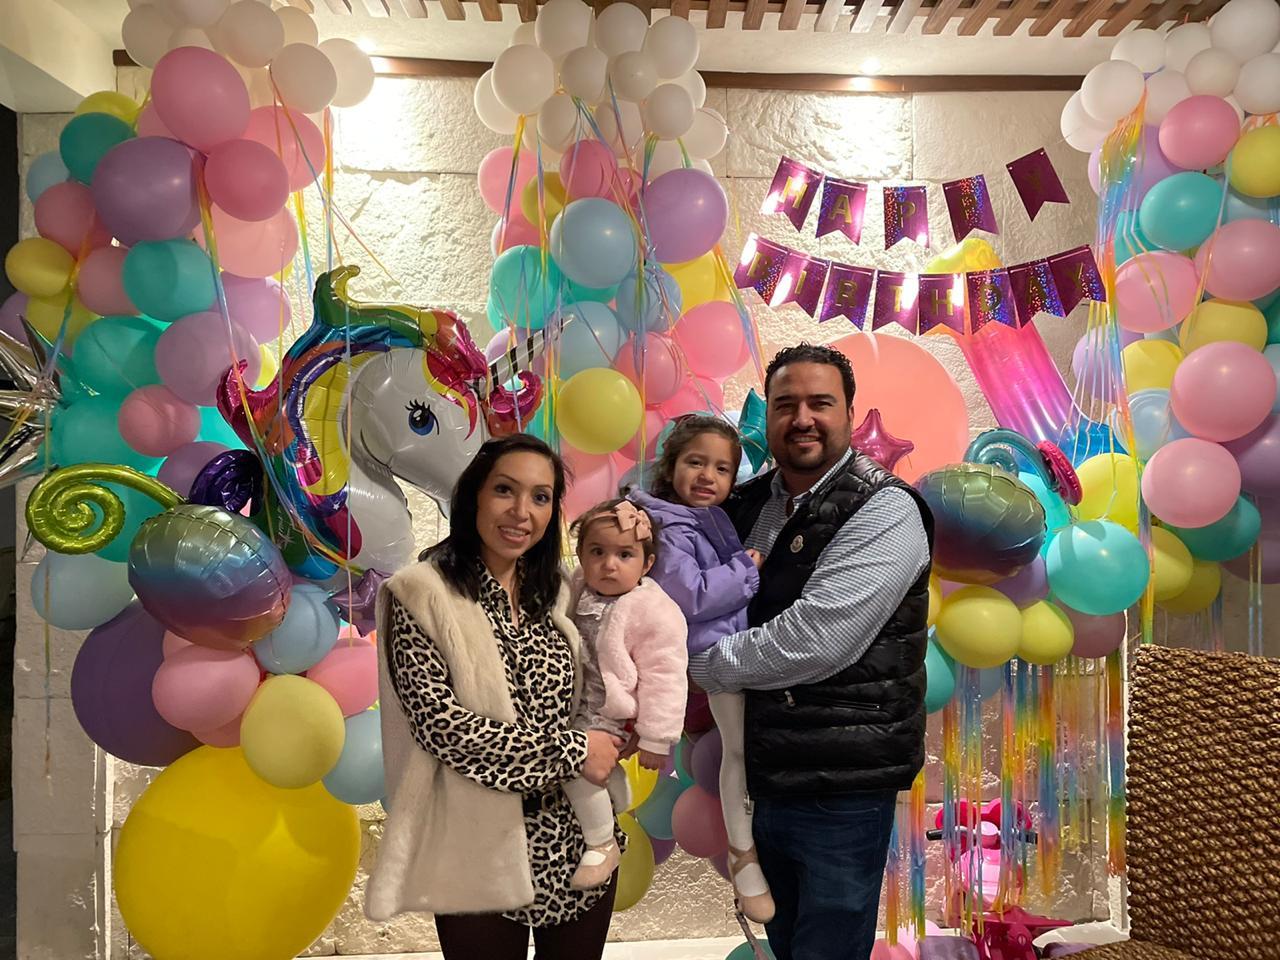 Brenda Siller y Francisco Valdez con sus hijas Victoria e Isabella.